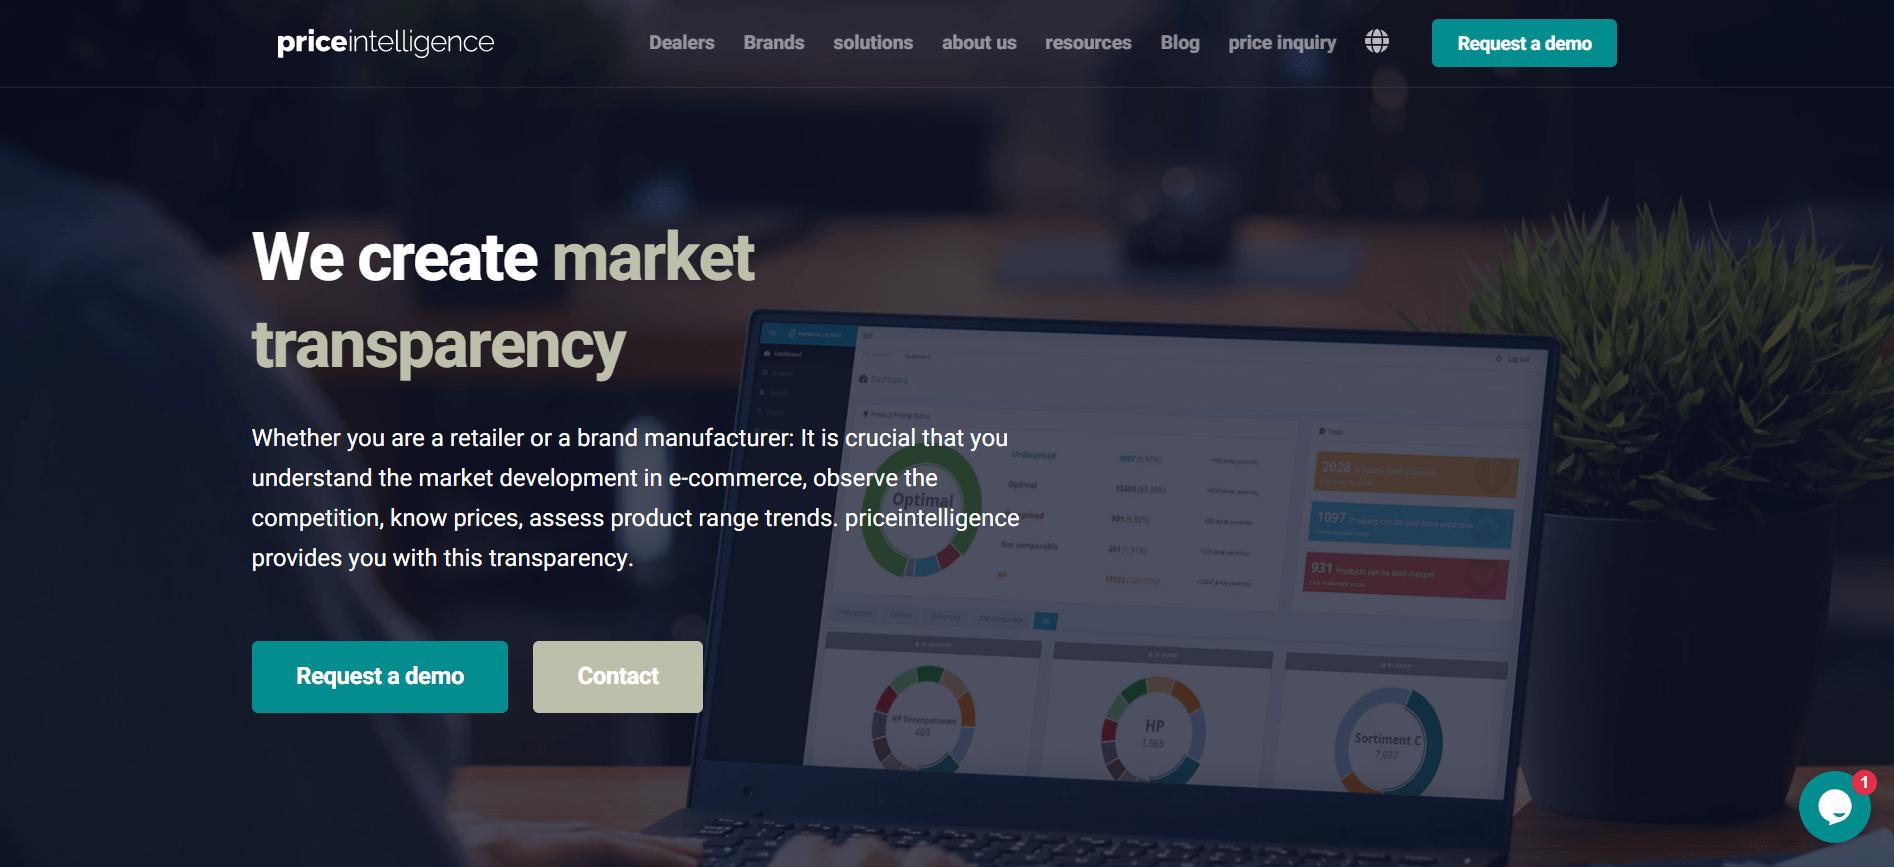 priceintelligence-schafft-Transparenz-für-Händler-und-Marken